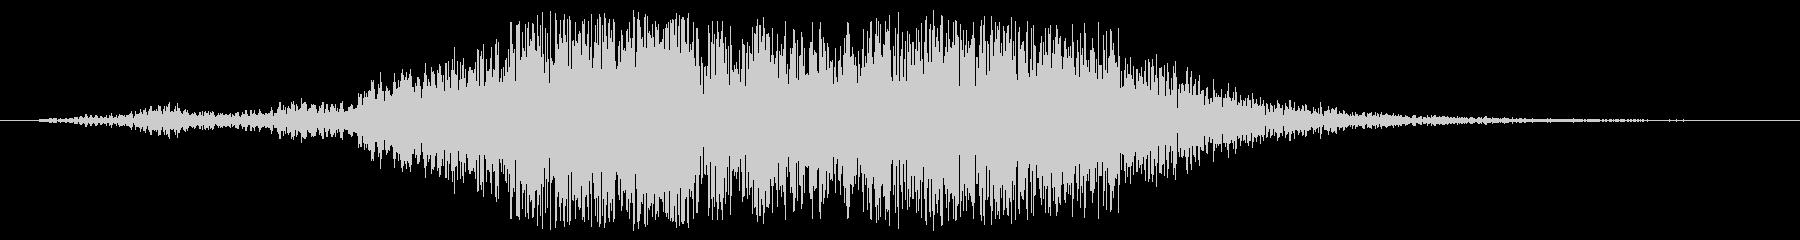 ファーウォーン(広がりのある神秘的な音)の未再生の波形